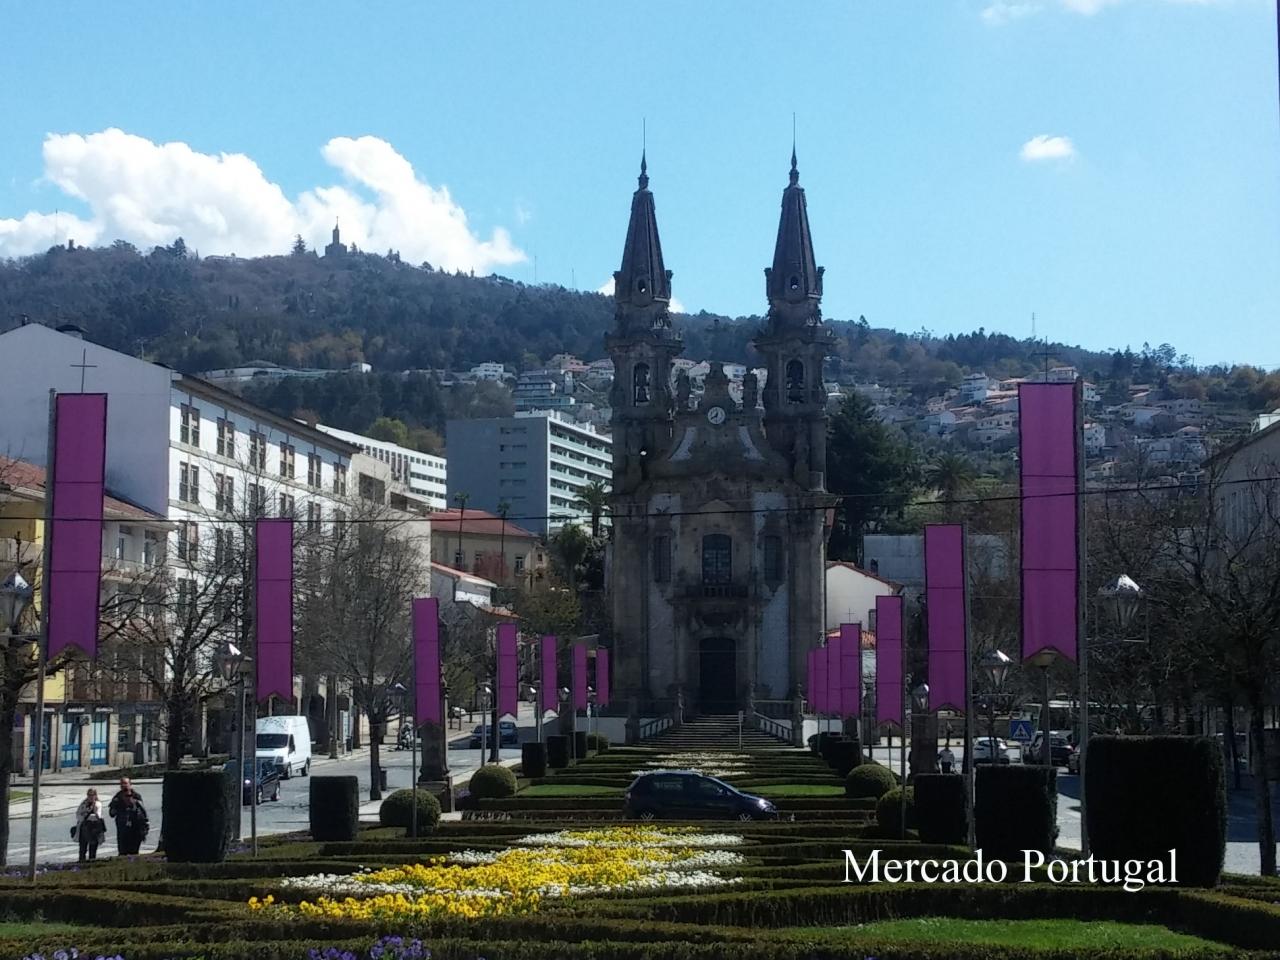 城壁の外には、聖グアルテル教会(Igreja de São Gualter)